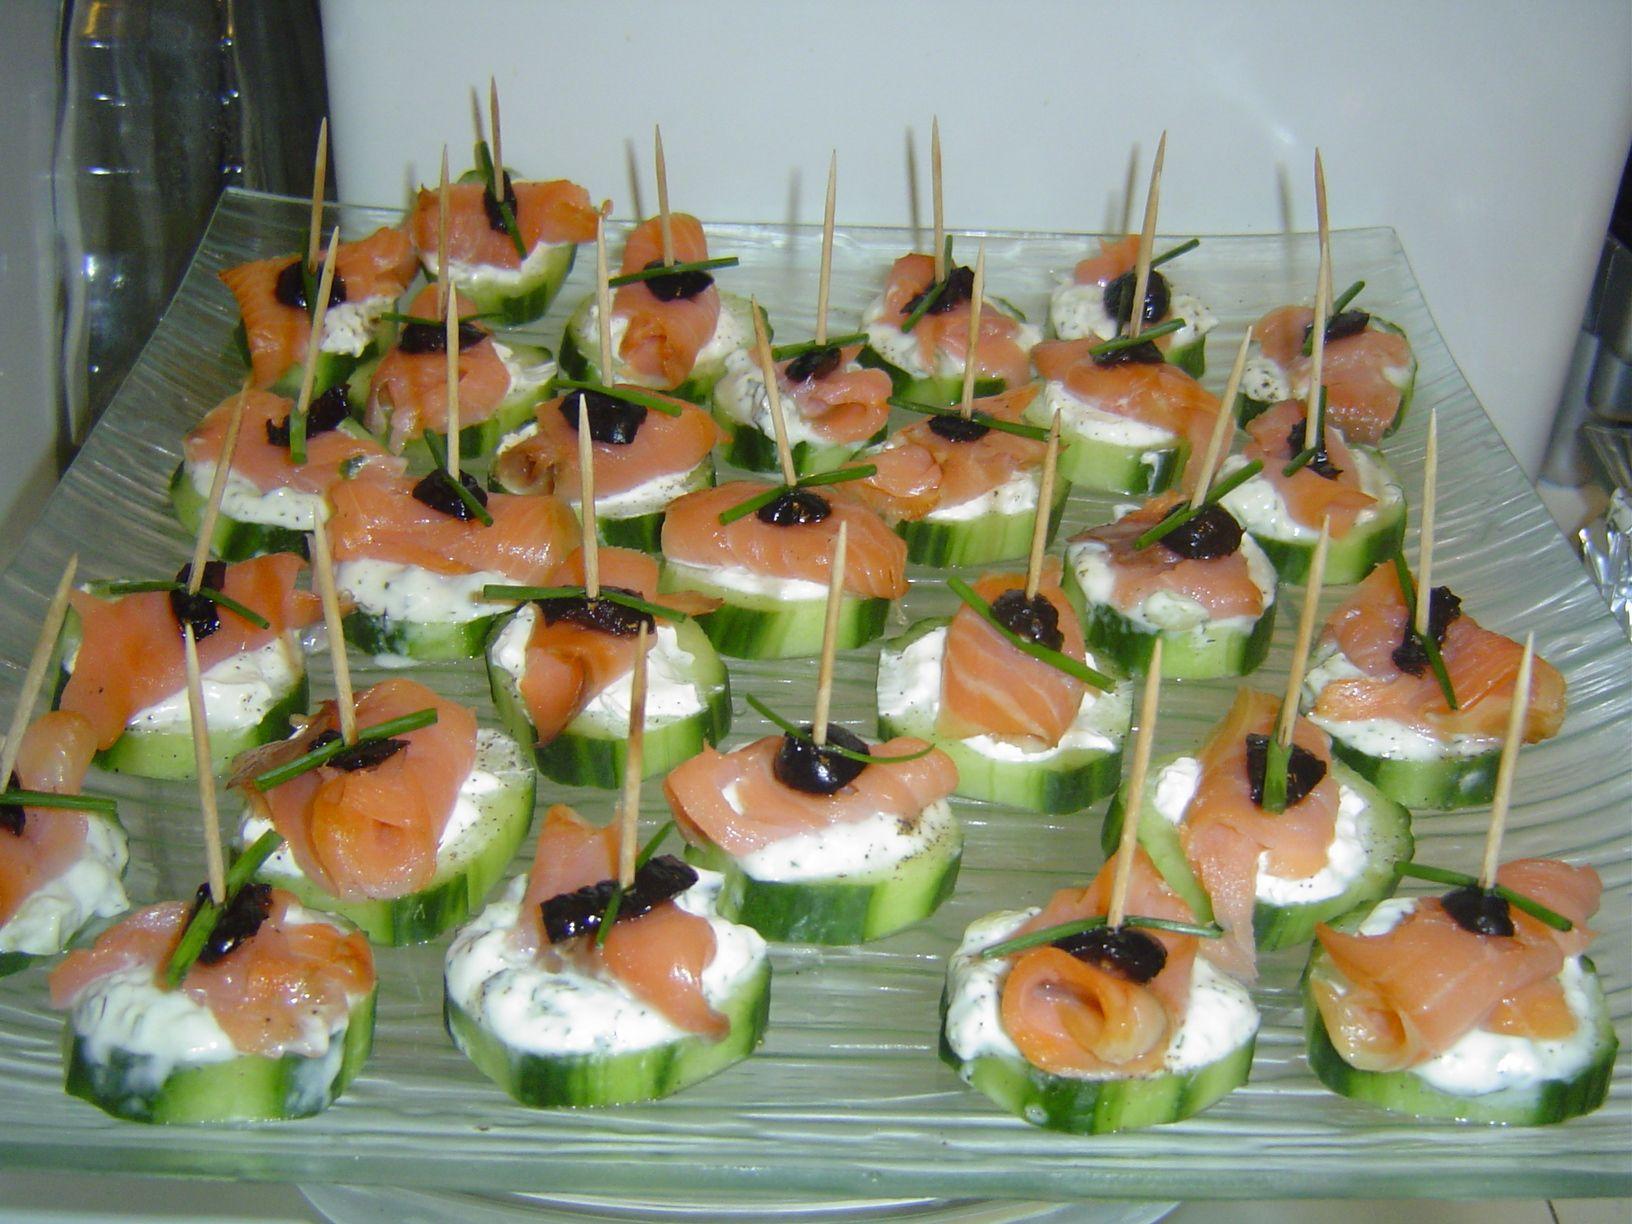 Canap s au concombre saumon fum assiette de pr sentation le concombre et olives noires - Comment presenter des crevettes en entree ...